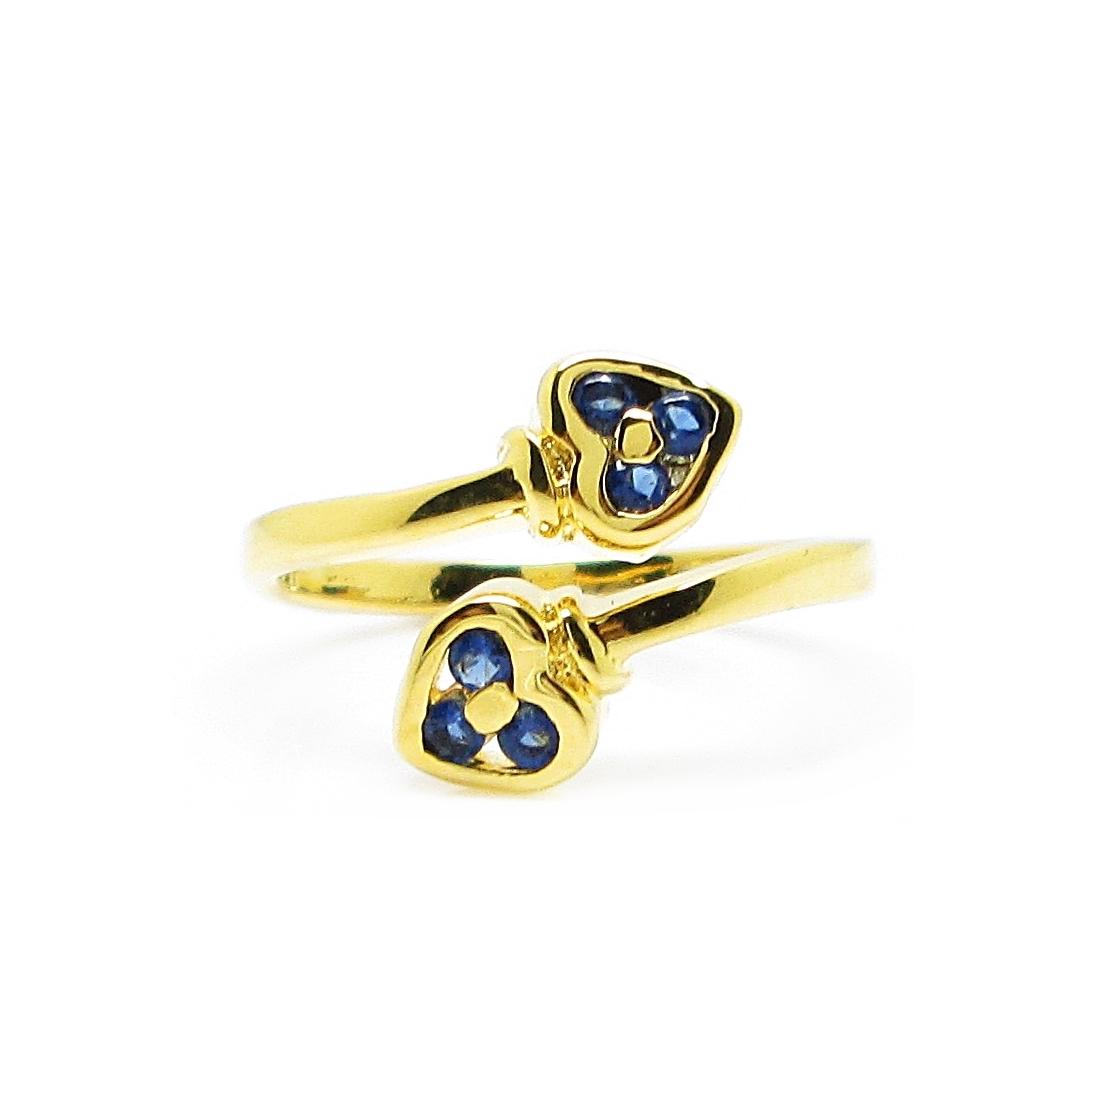 แหวนฟรีไซส์หัวใจประดับพลอยไพลินชุบทอง